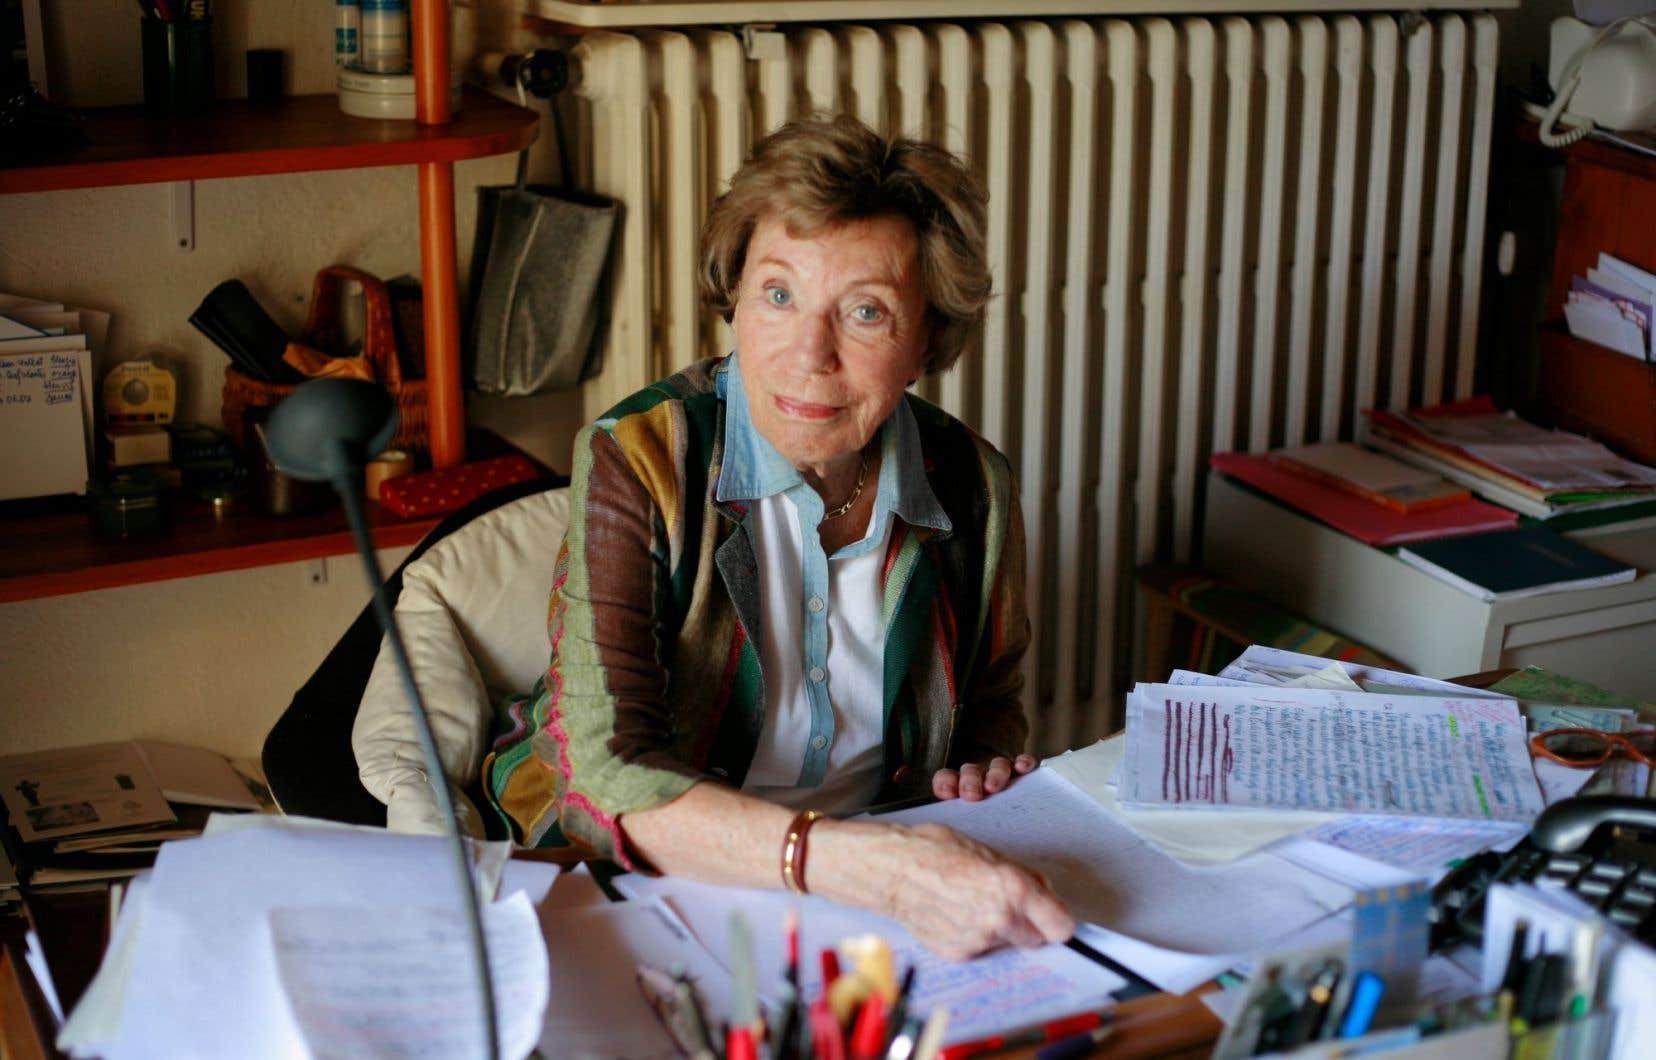 Benoîte Groult a participé à la féminisation des titres en français et est l'auteure de plusieurs ouvrages.